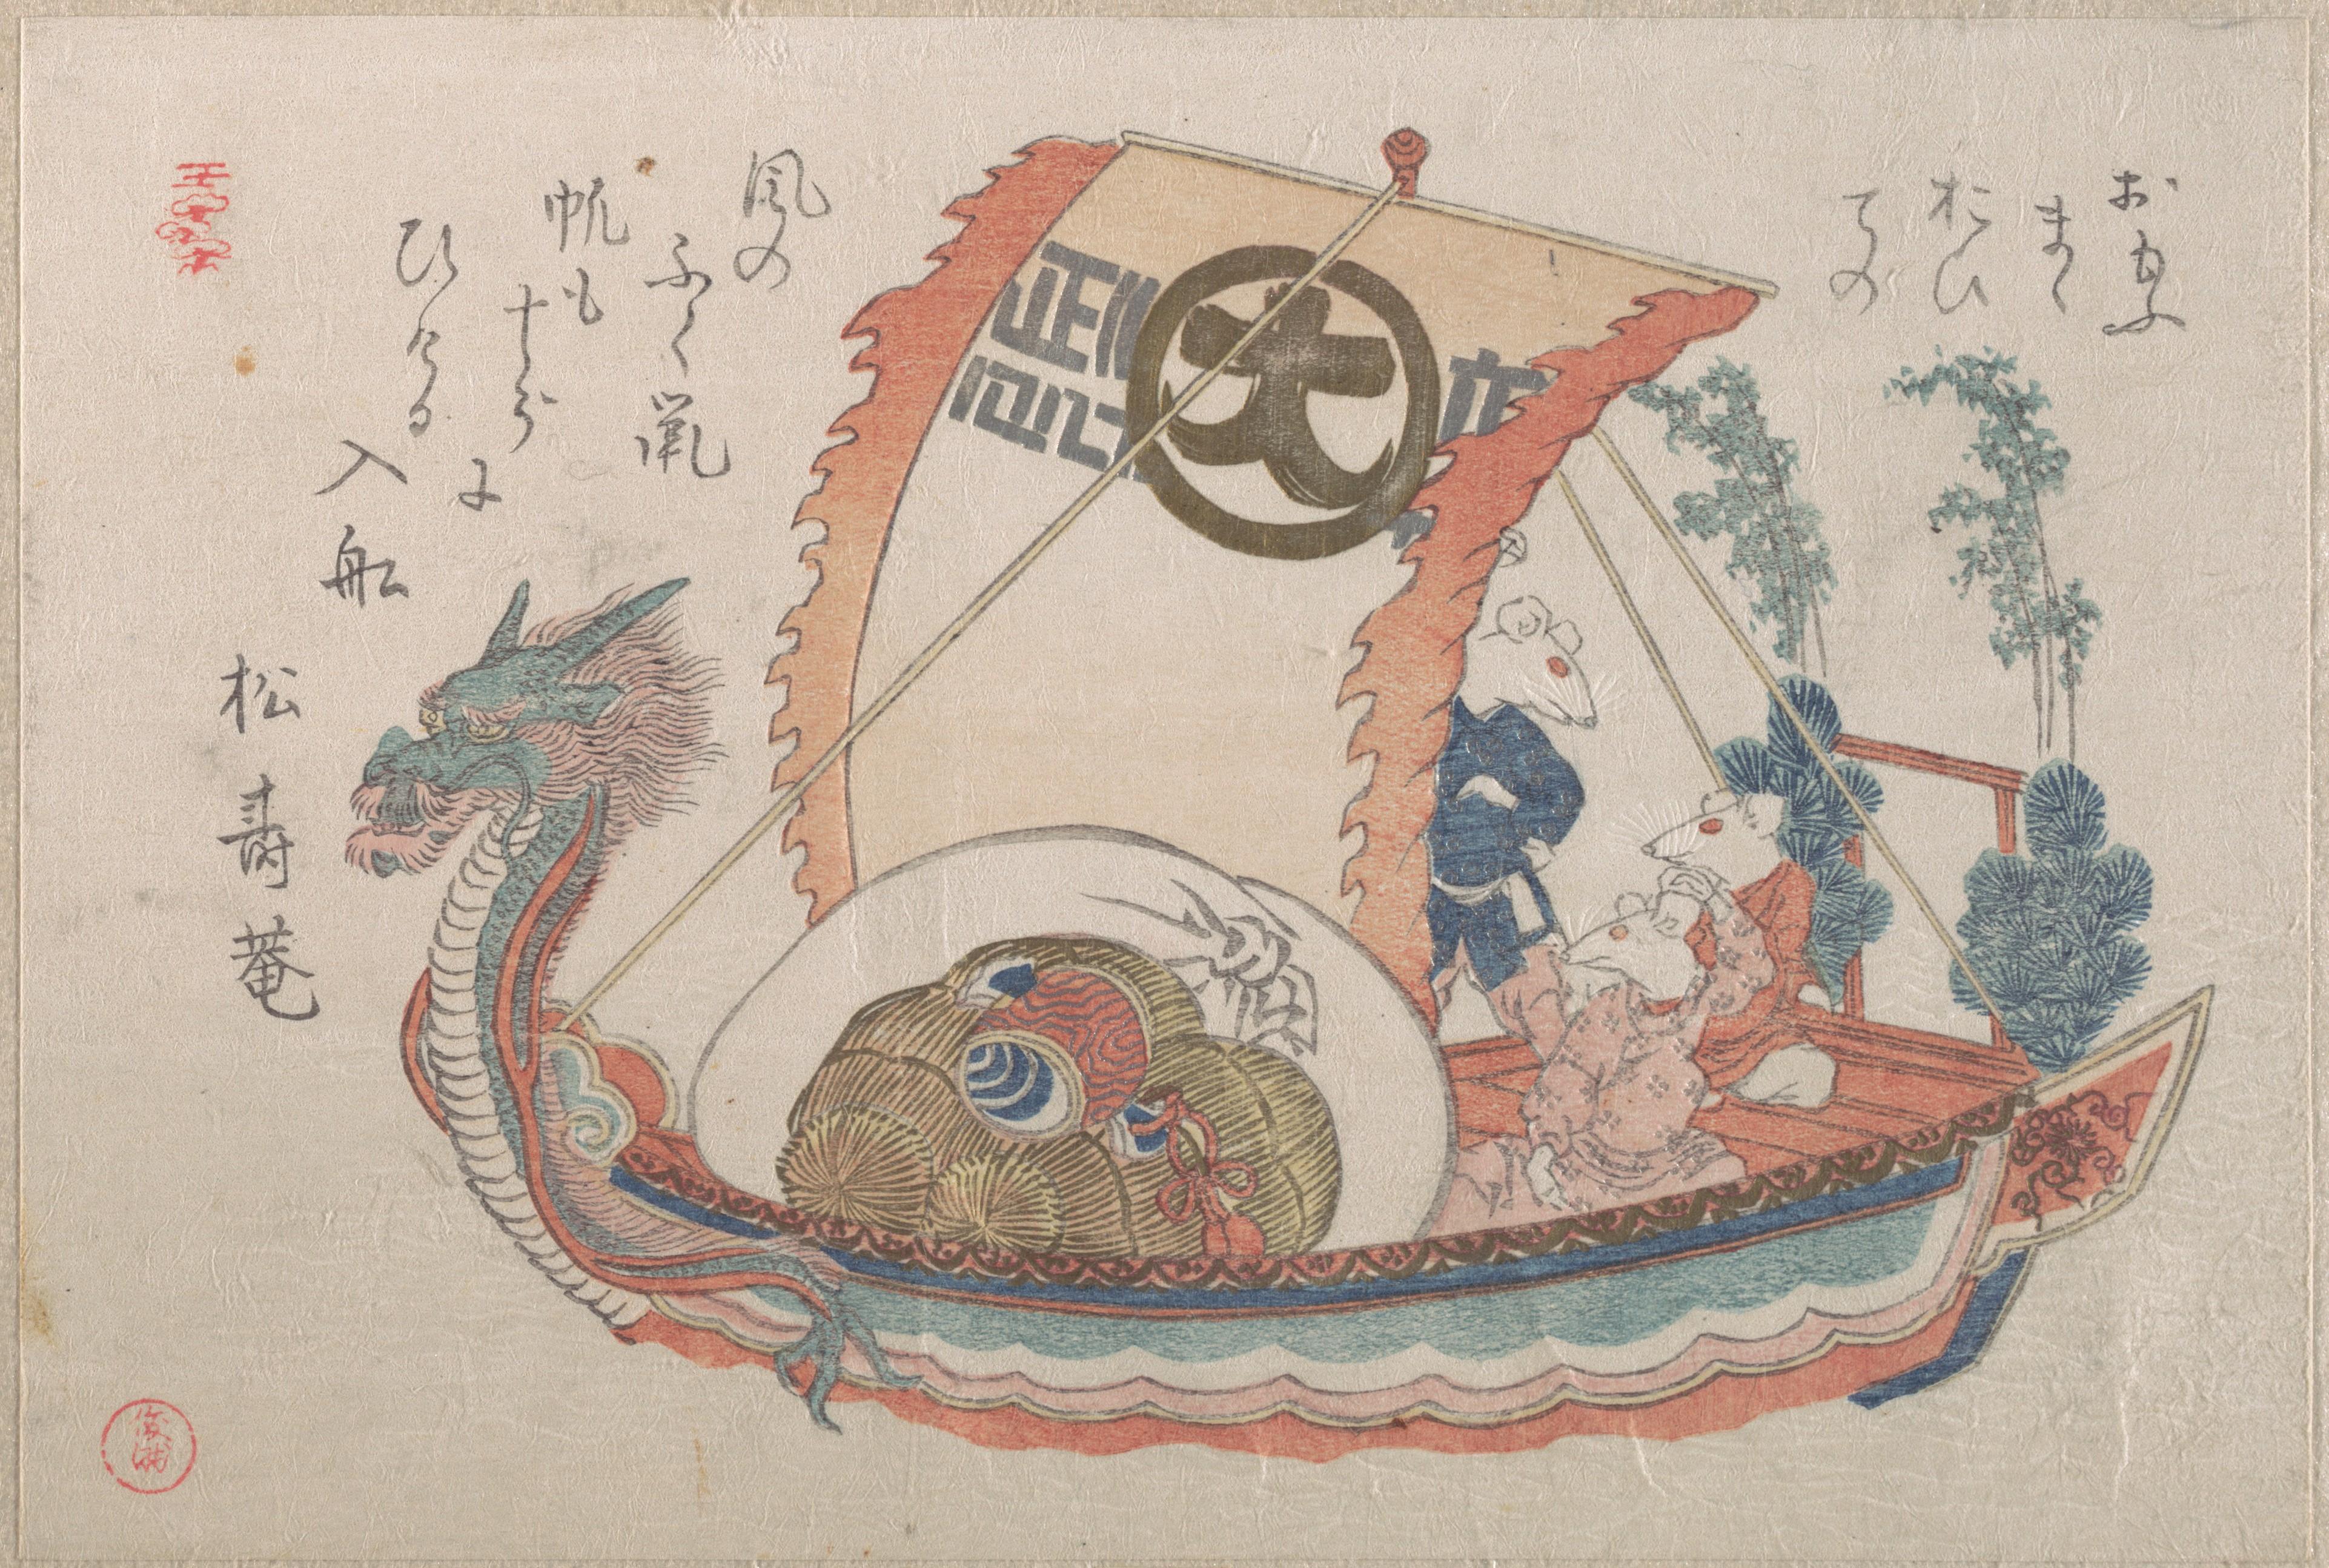 Лодка сокровищ (такарабунэ) с тремя крысами_1816_140х210 мм)